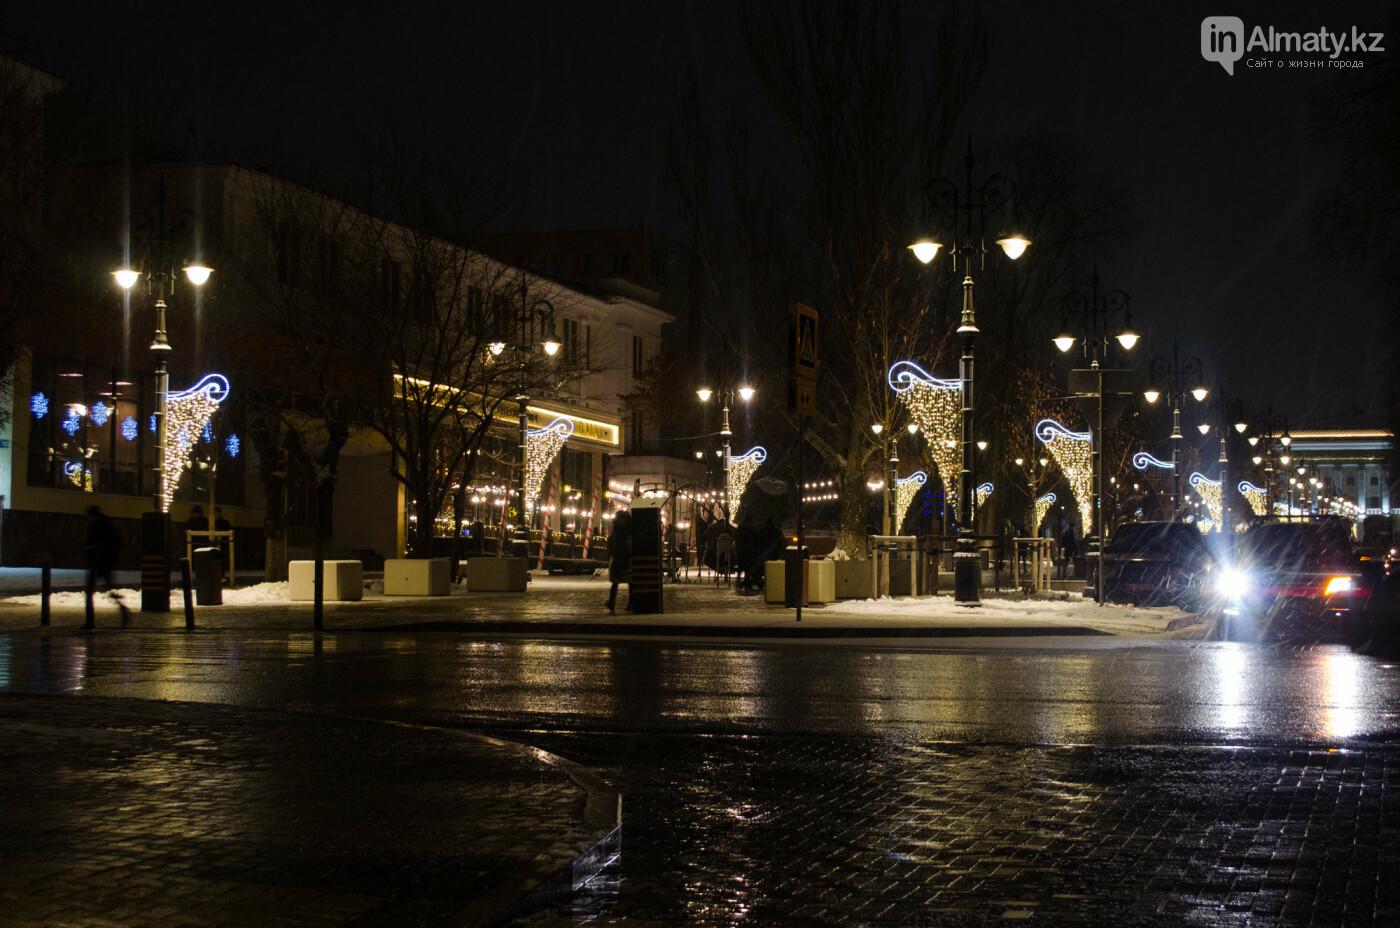 Как украшен центр Алматы к Новому году (фото), фото-24